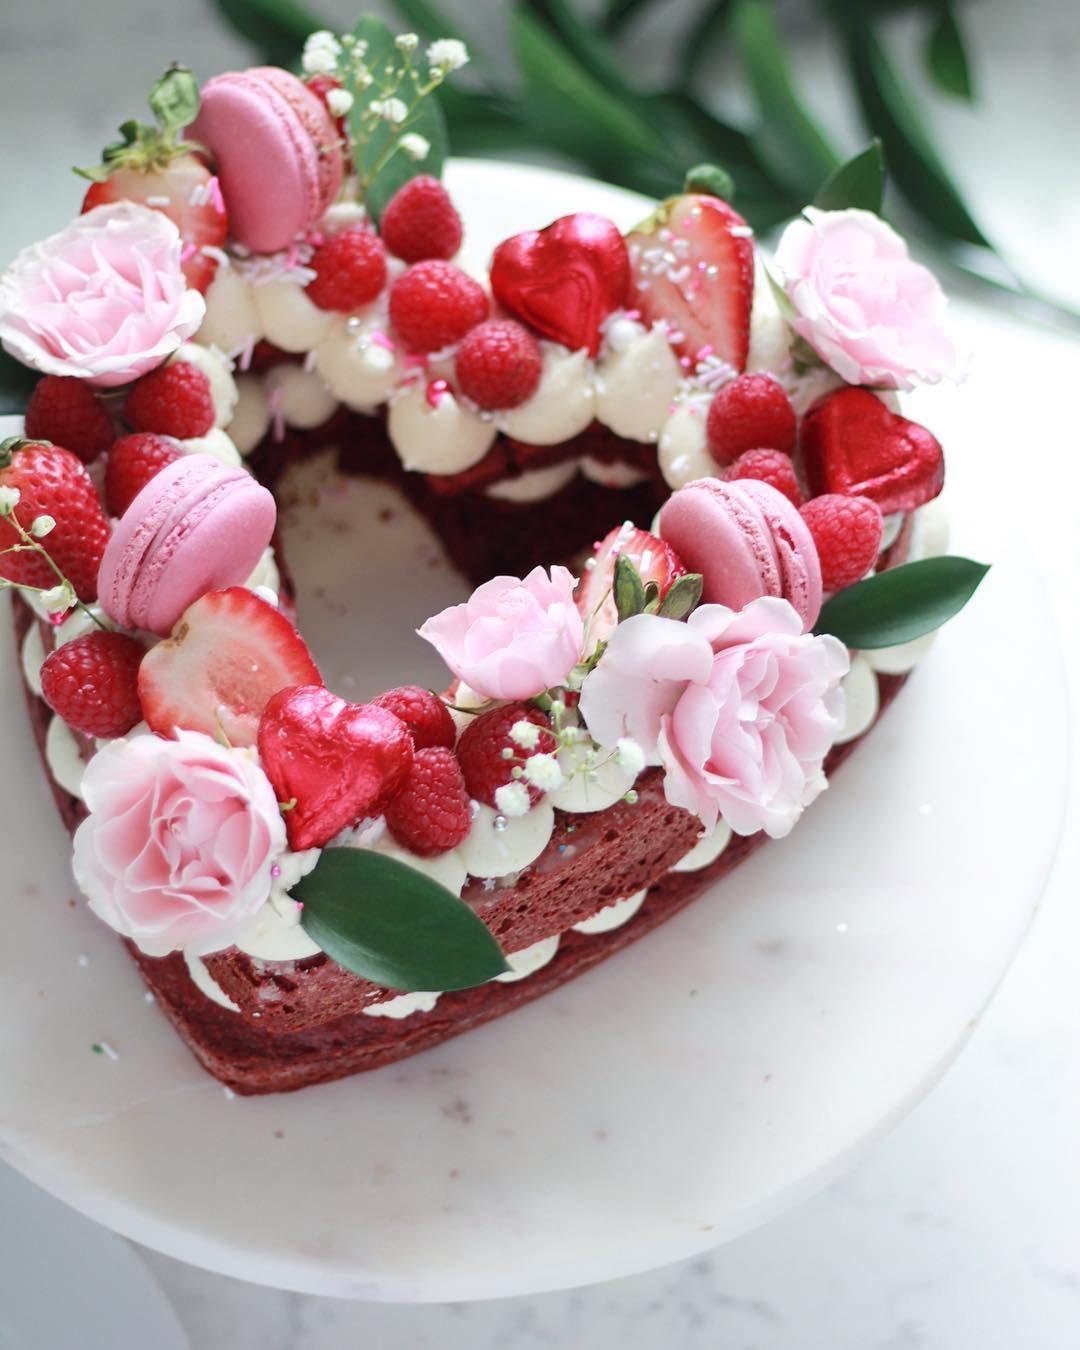 10 Cream Tart Number Cakes